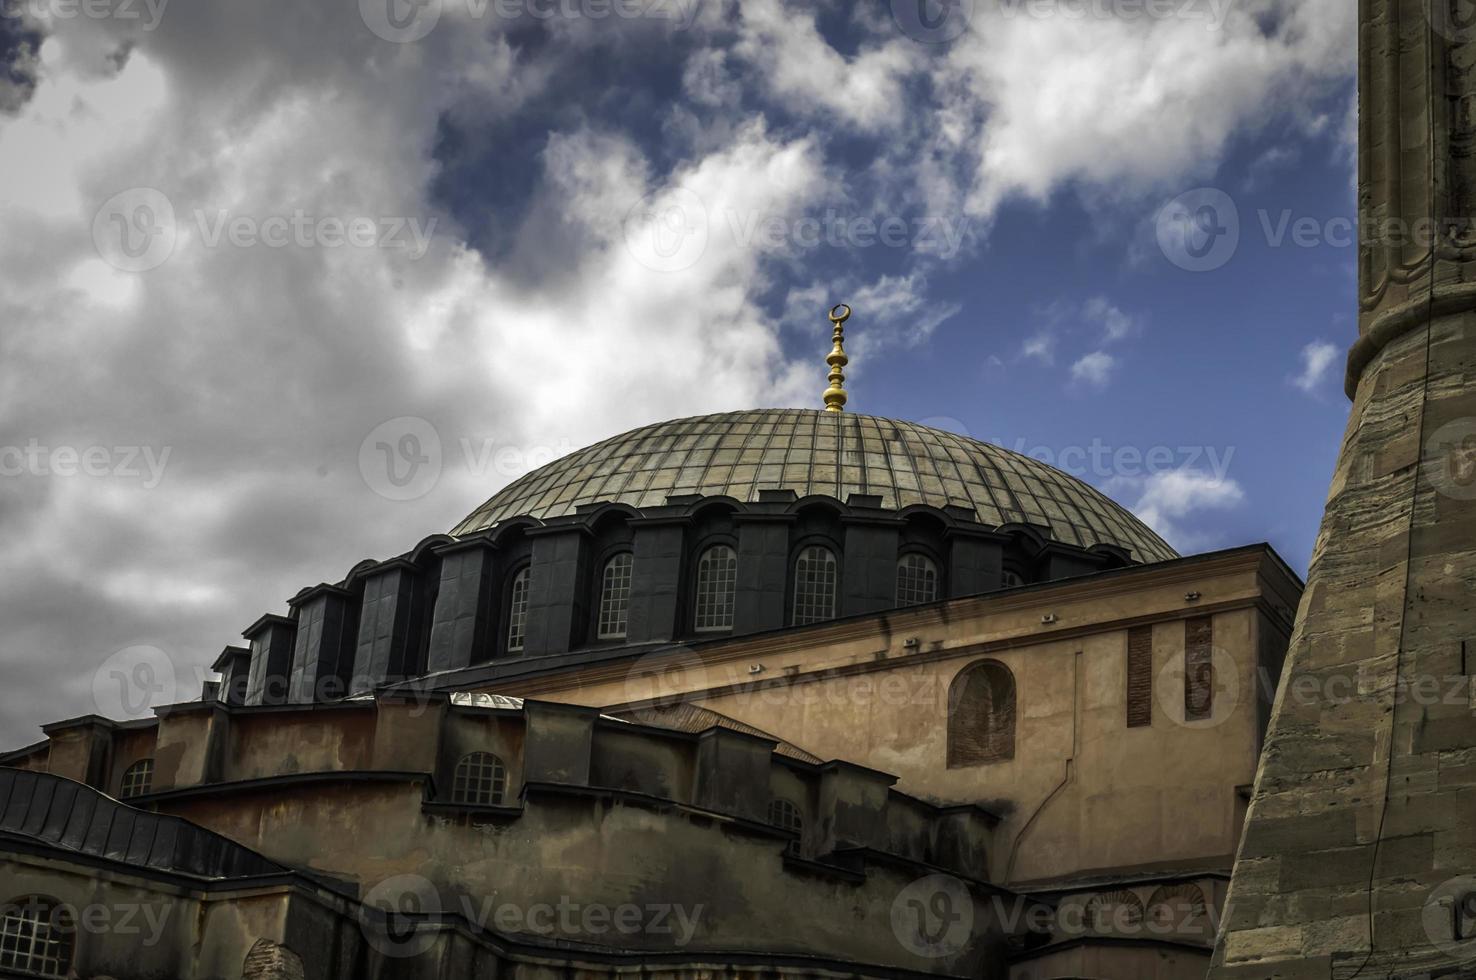 aya (hajia) sofia em um dia nublado foto